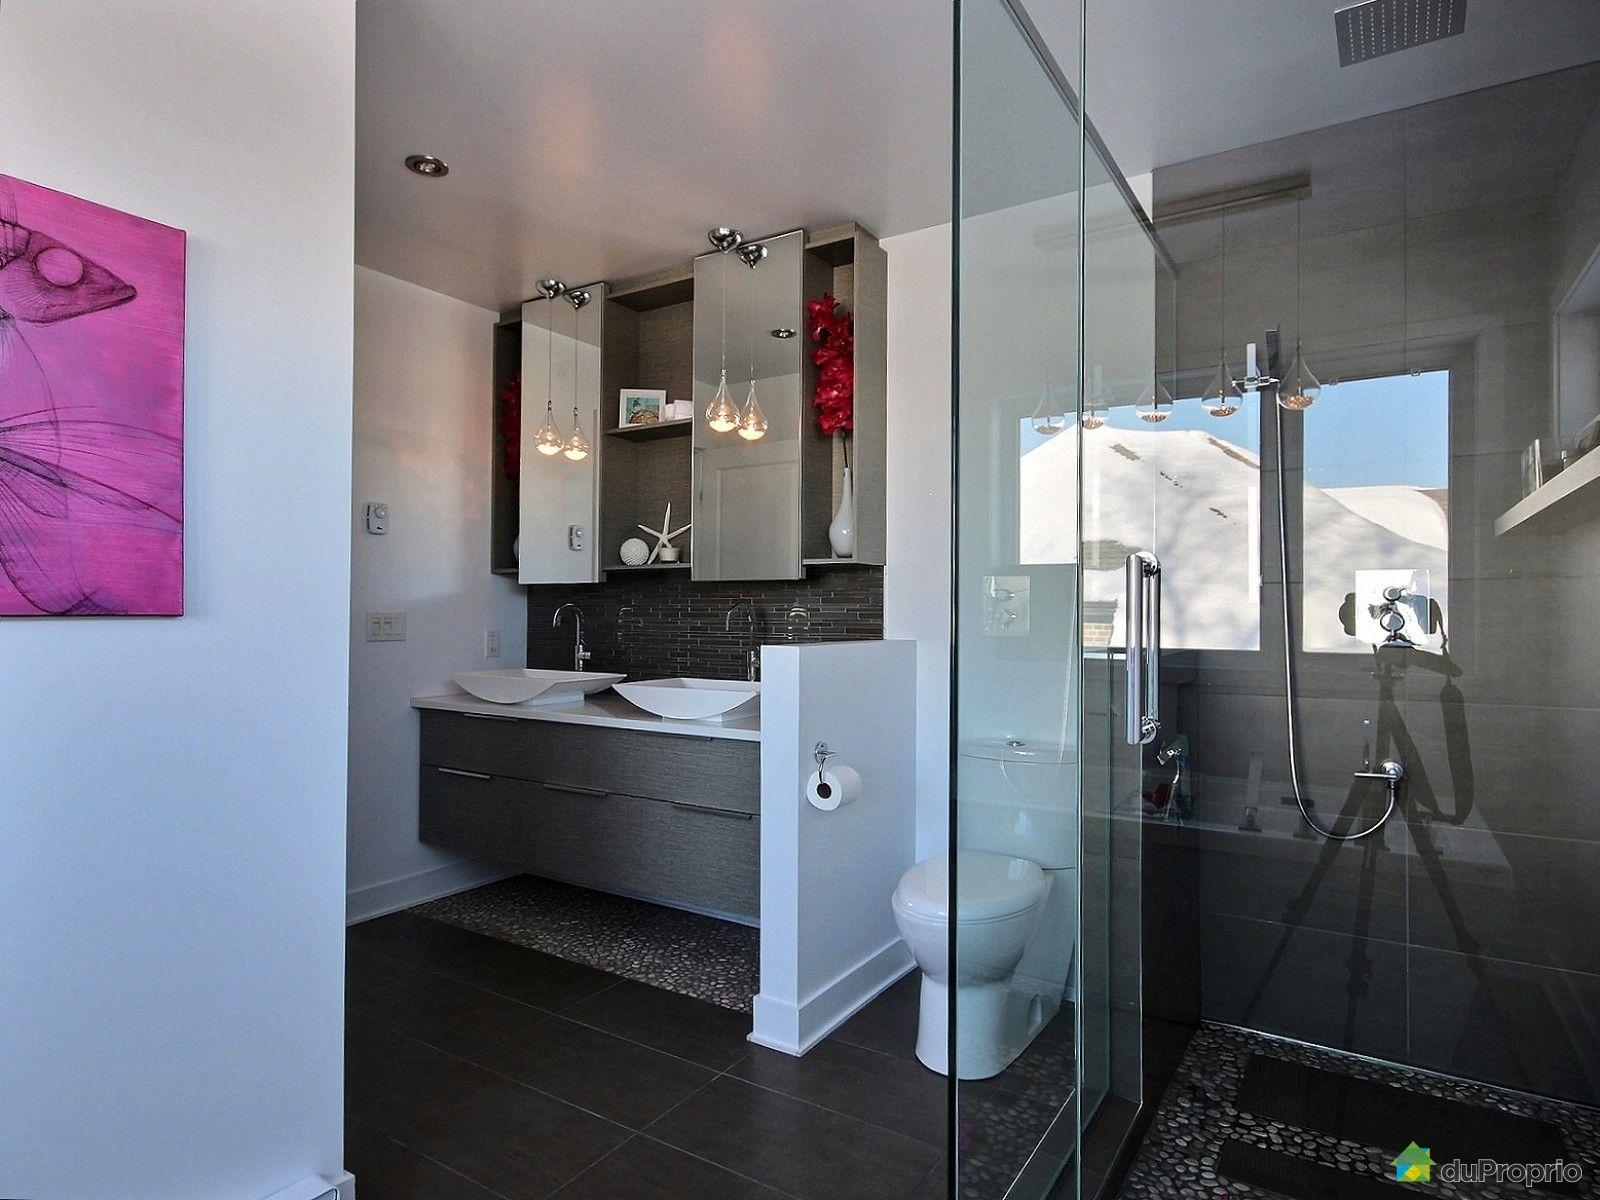 Maison vendre l 39 assomption 512 rue de pons immobilier - Systeme audio salle de bain ...